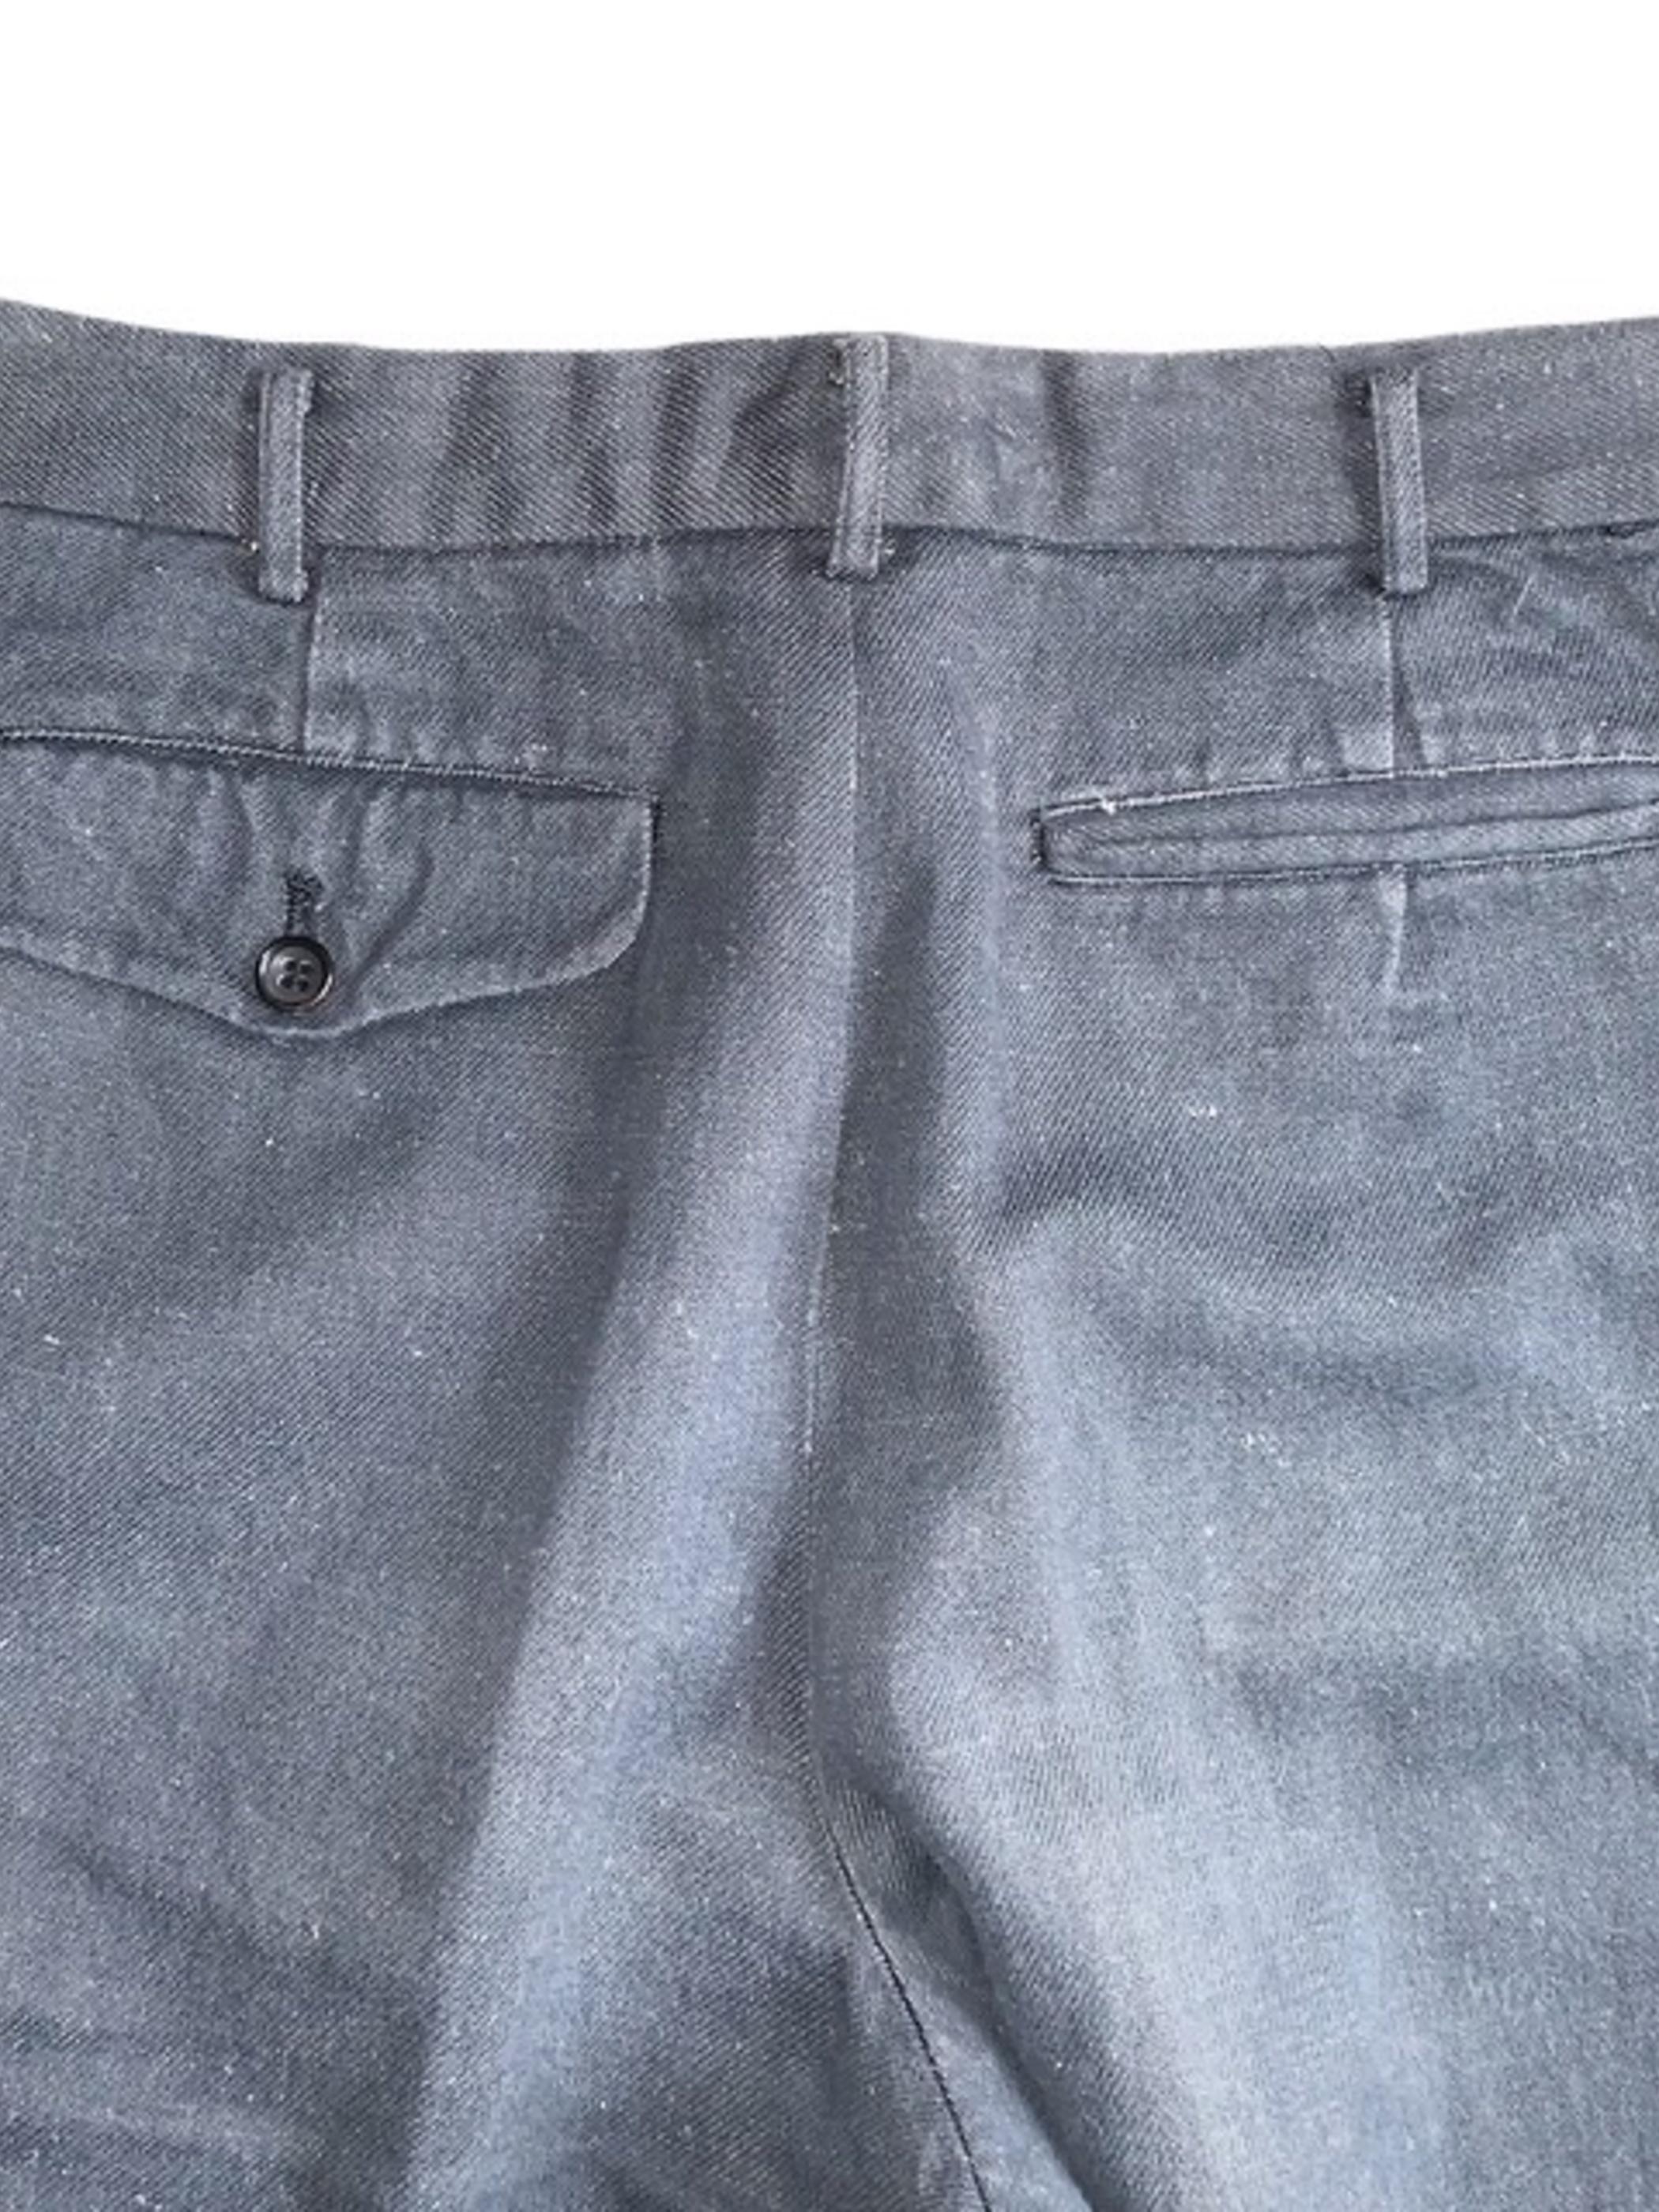 COMME des GARÇONS  pants